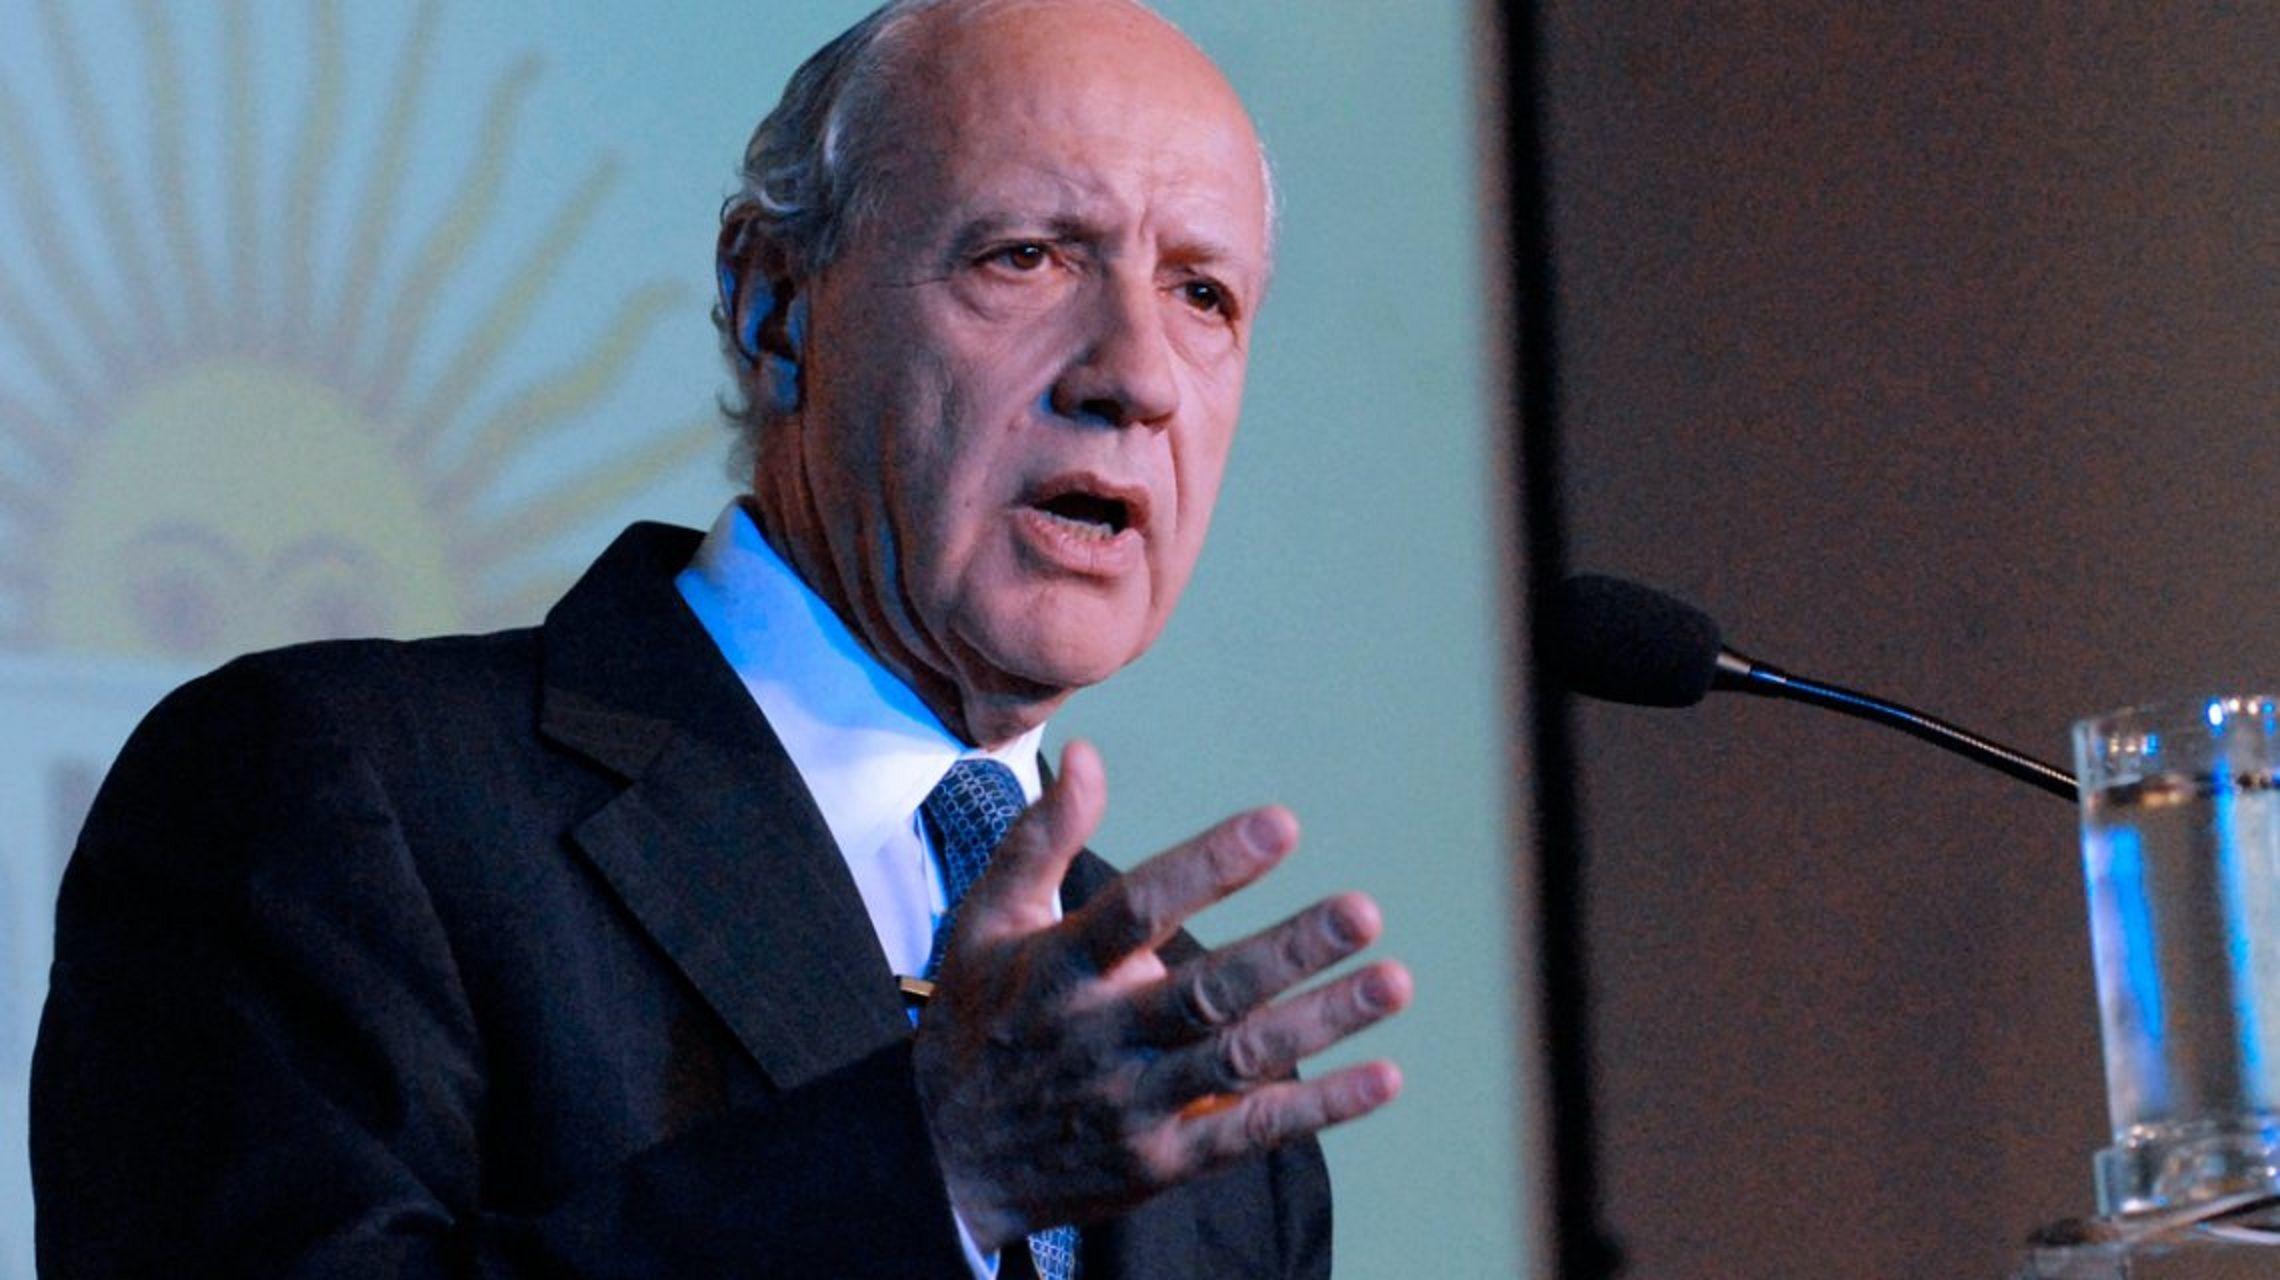 Lavagna: Para transformar la economía hay que cambiar la visión de ajuste